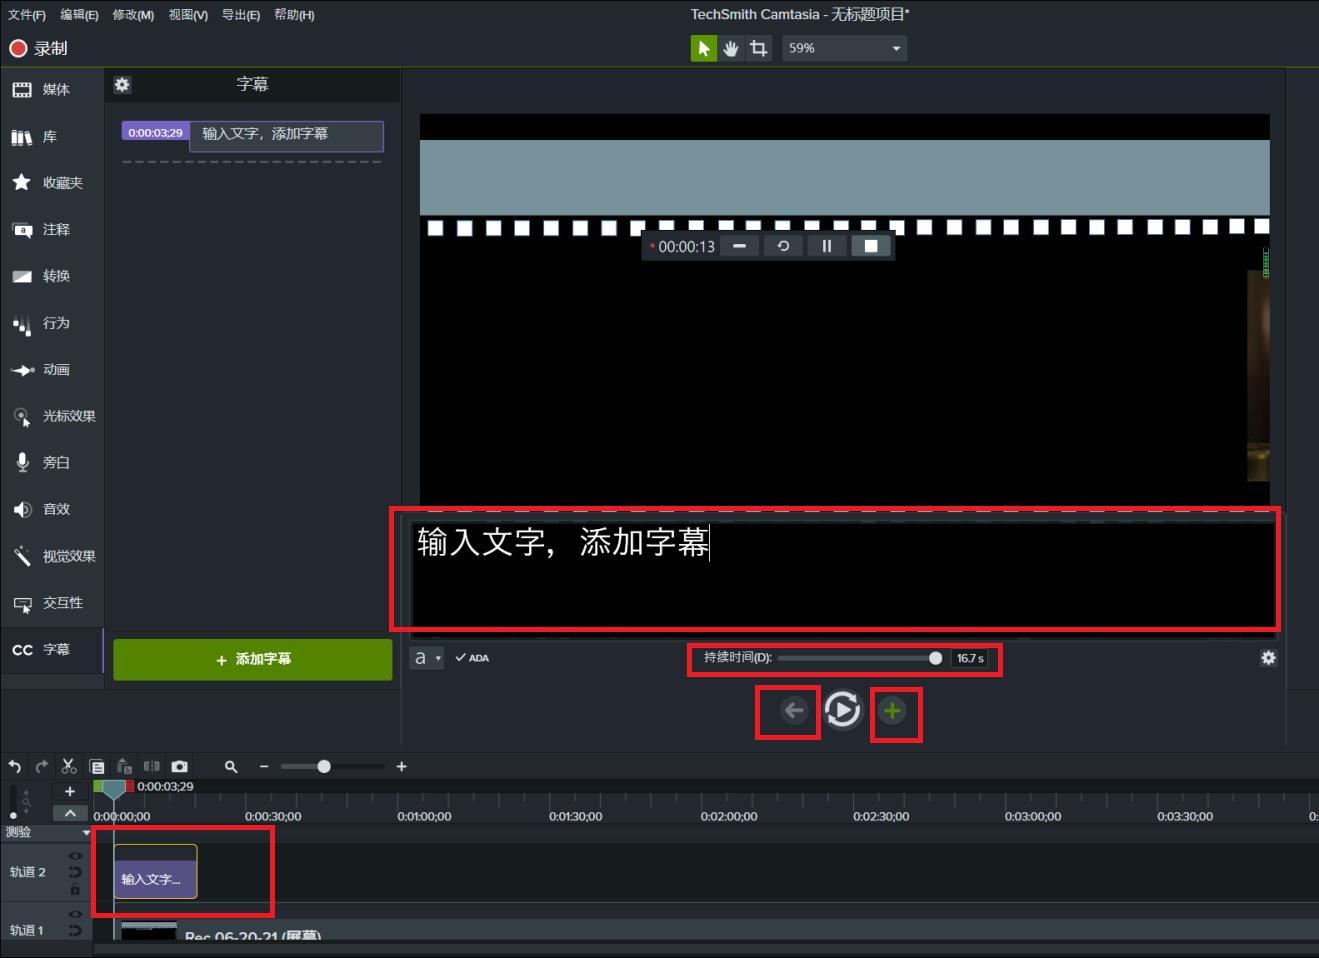 图2:Camtasia字幕编辑界面